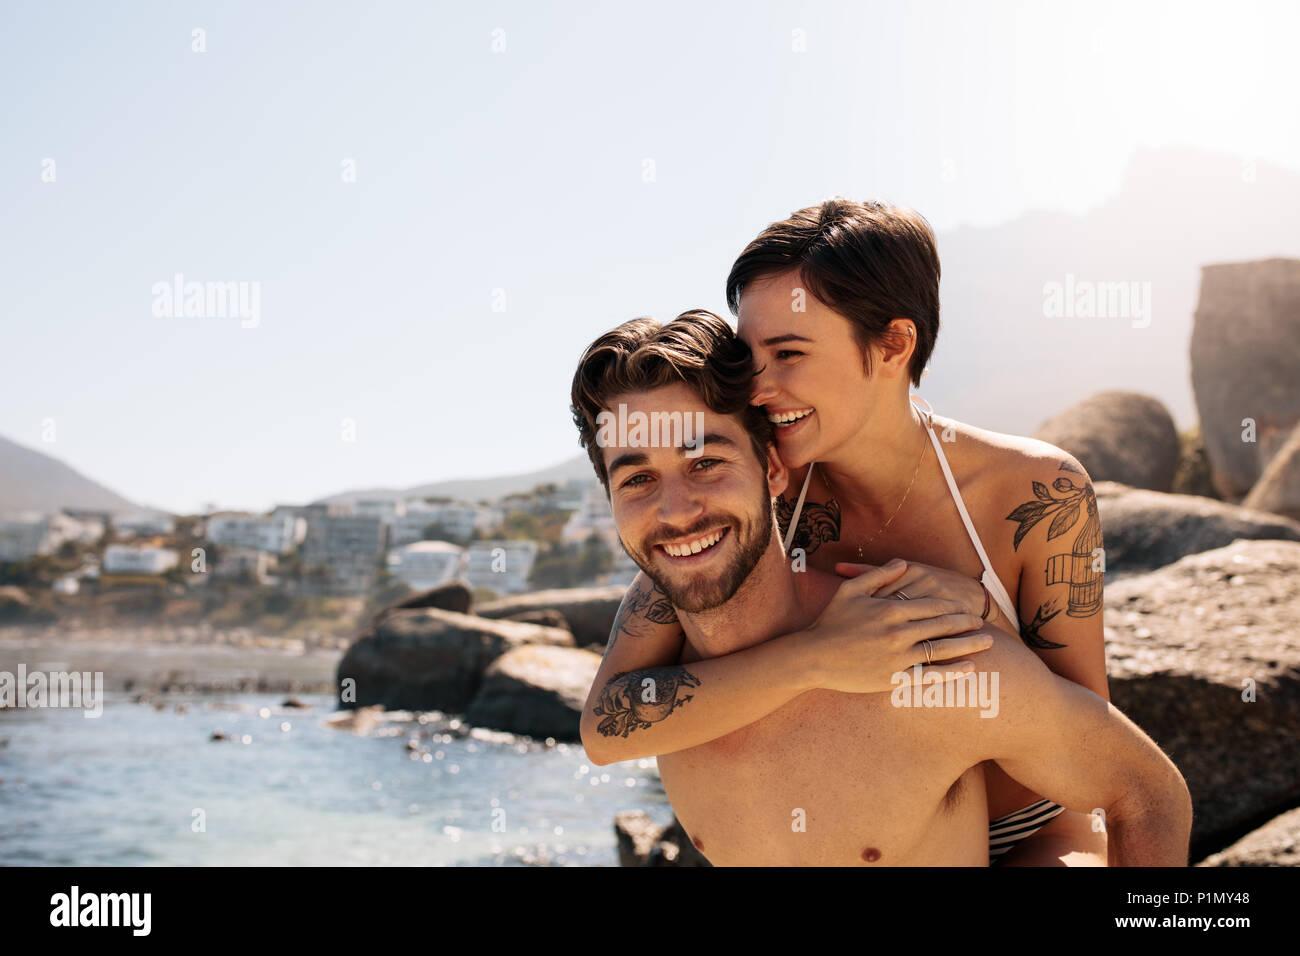 Uomo Donna portante sulla sua schiena in spiaggia per una vacanza. Turista giovane in una felice e umore romantico godendo di una vacanza. Immagini Stock